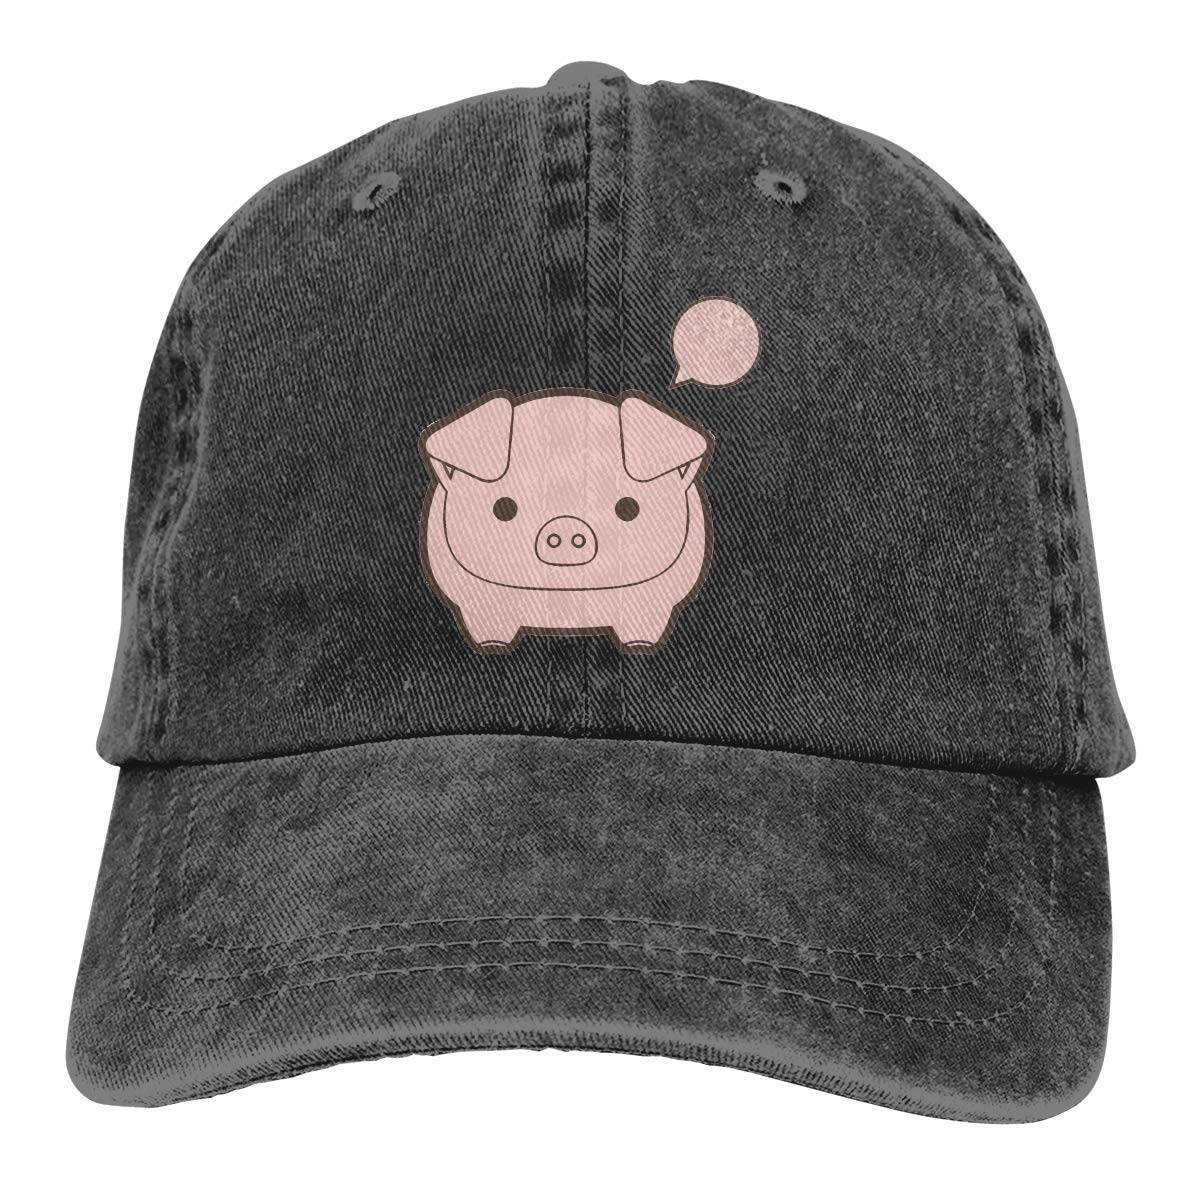 Adult Unisex Cowboy Cap Adjustable Hat Lovely Pig Cotton Denim